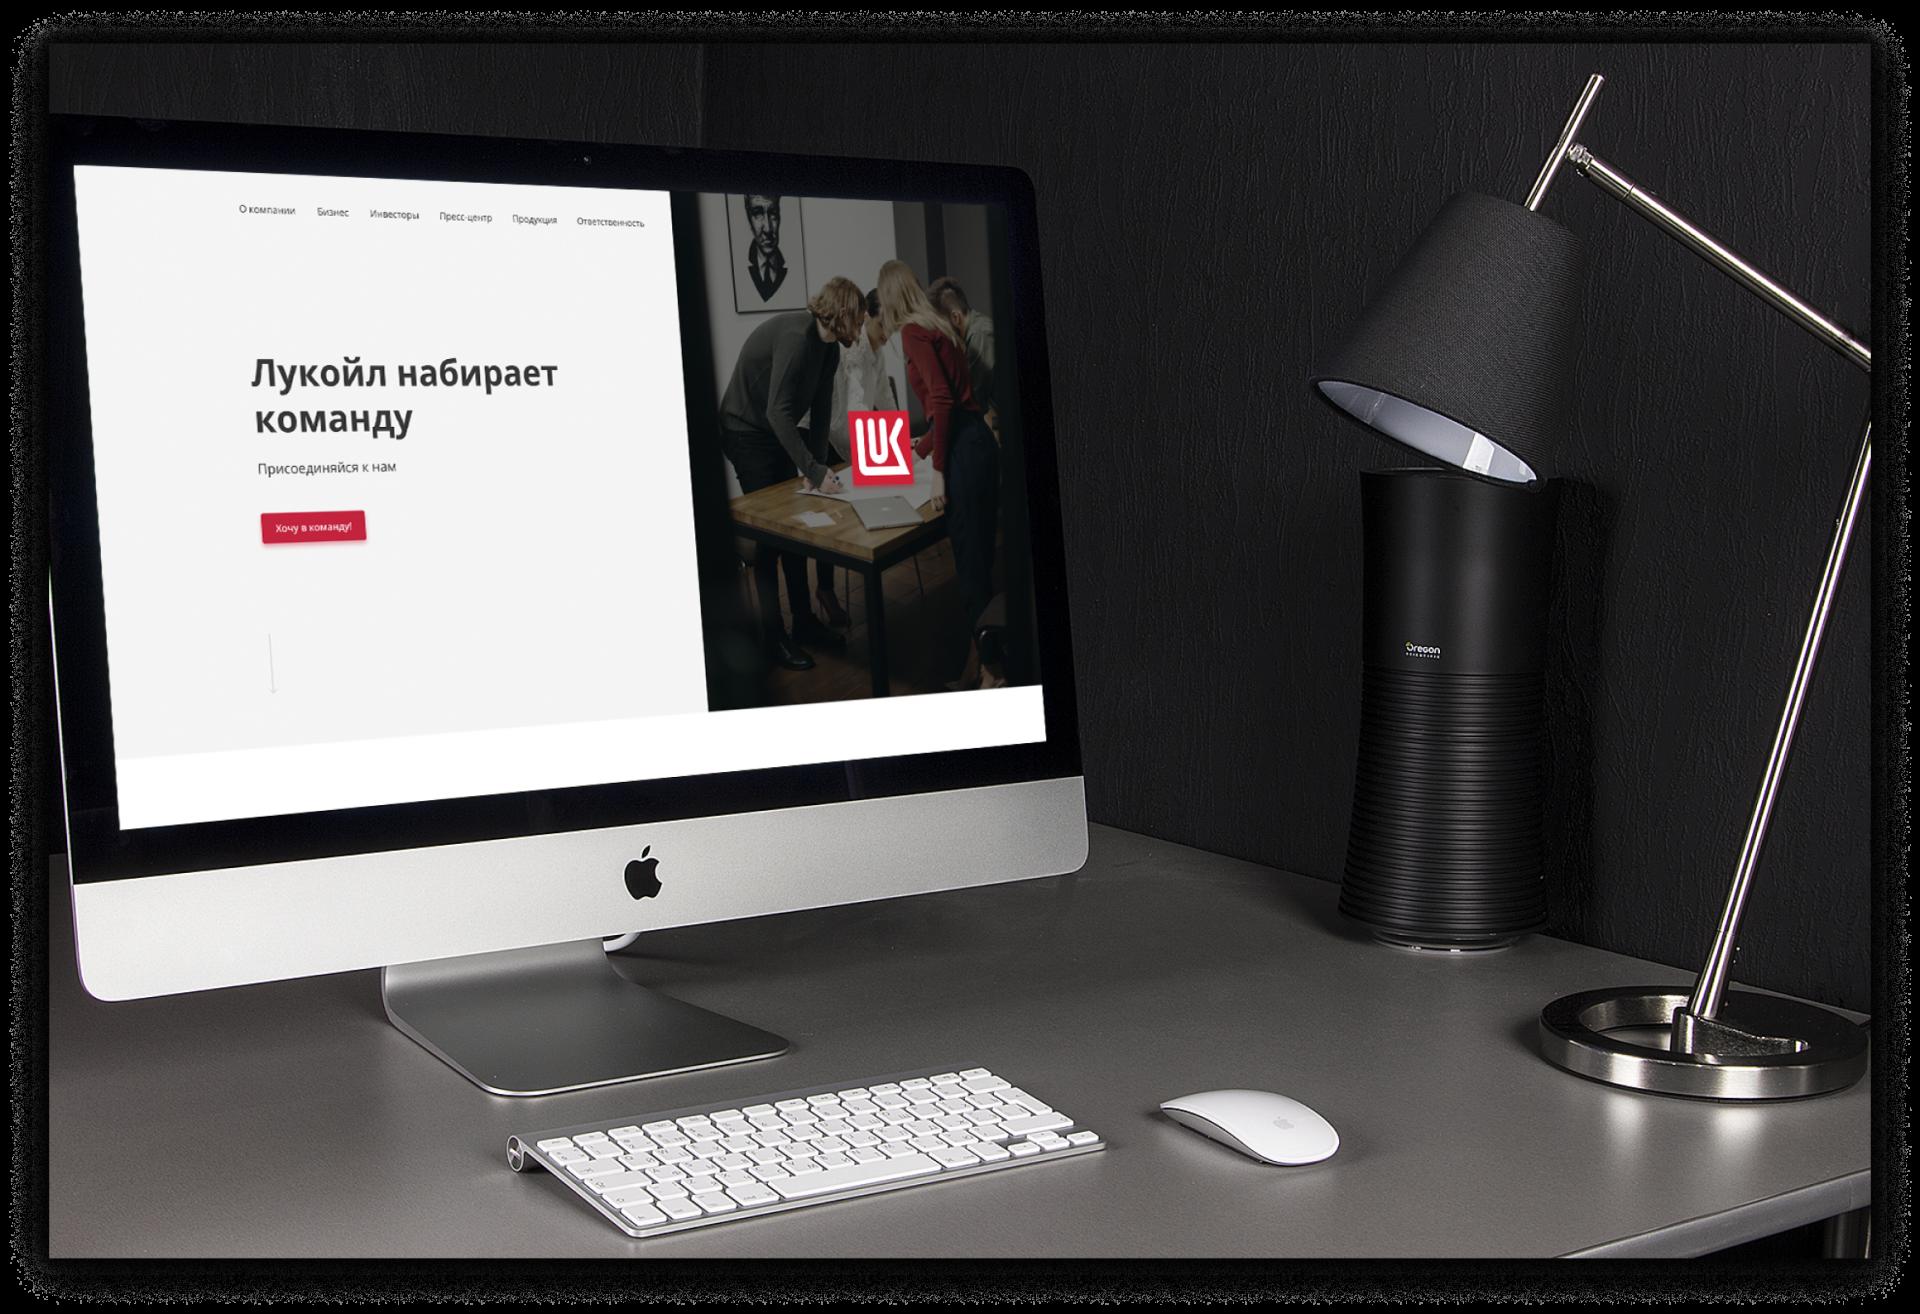 """Редизайн сайта с вакансиями нефтяной компании """"Лукойл"""" 11"""